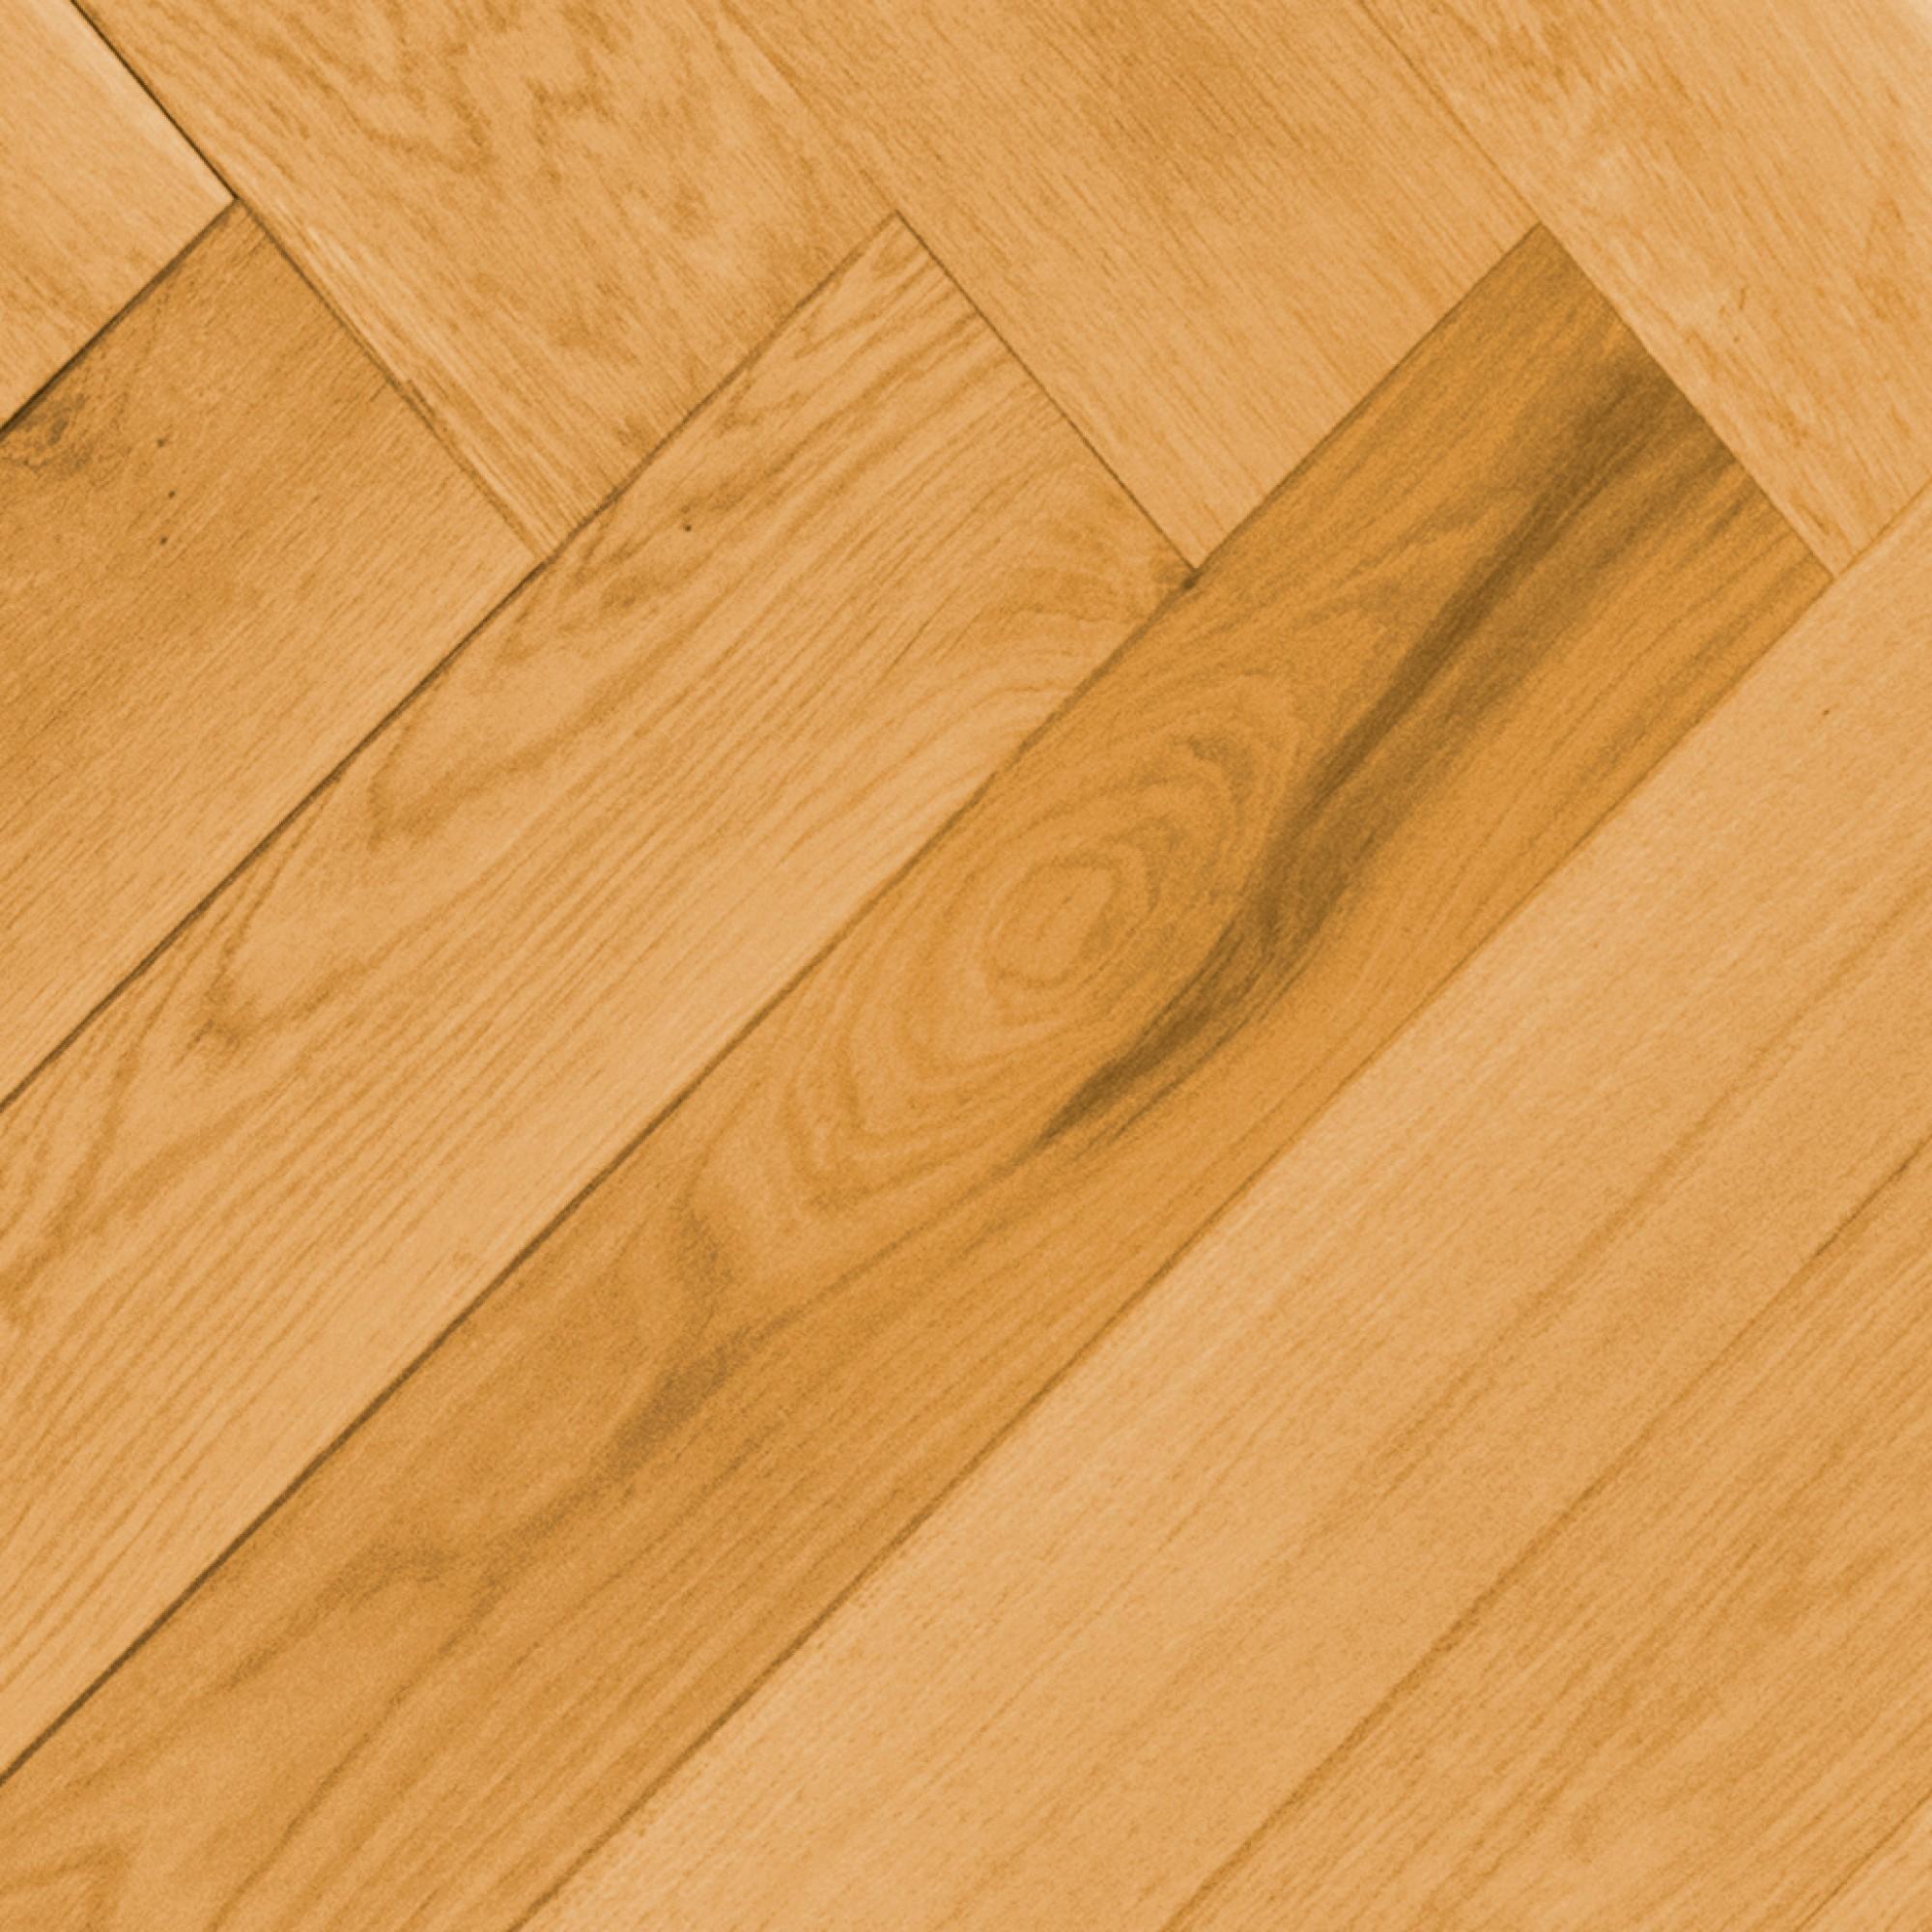 Natural White Oak Flooring: Herringbone, White Oak Natural Smooth